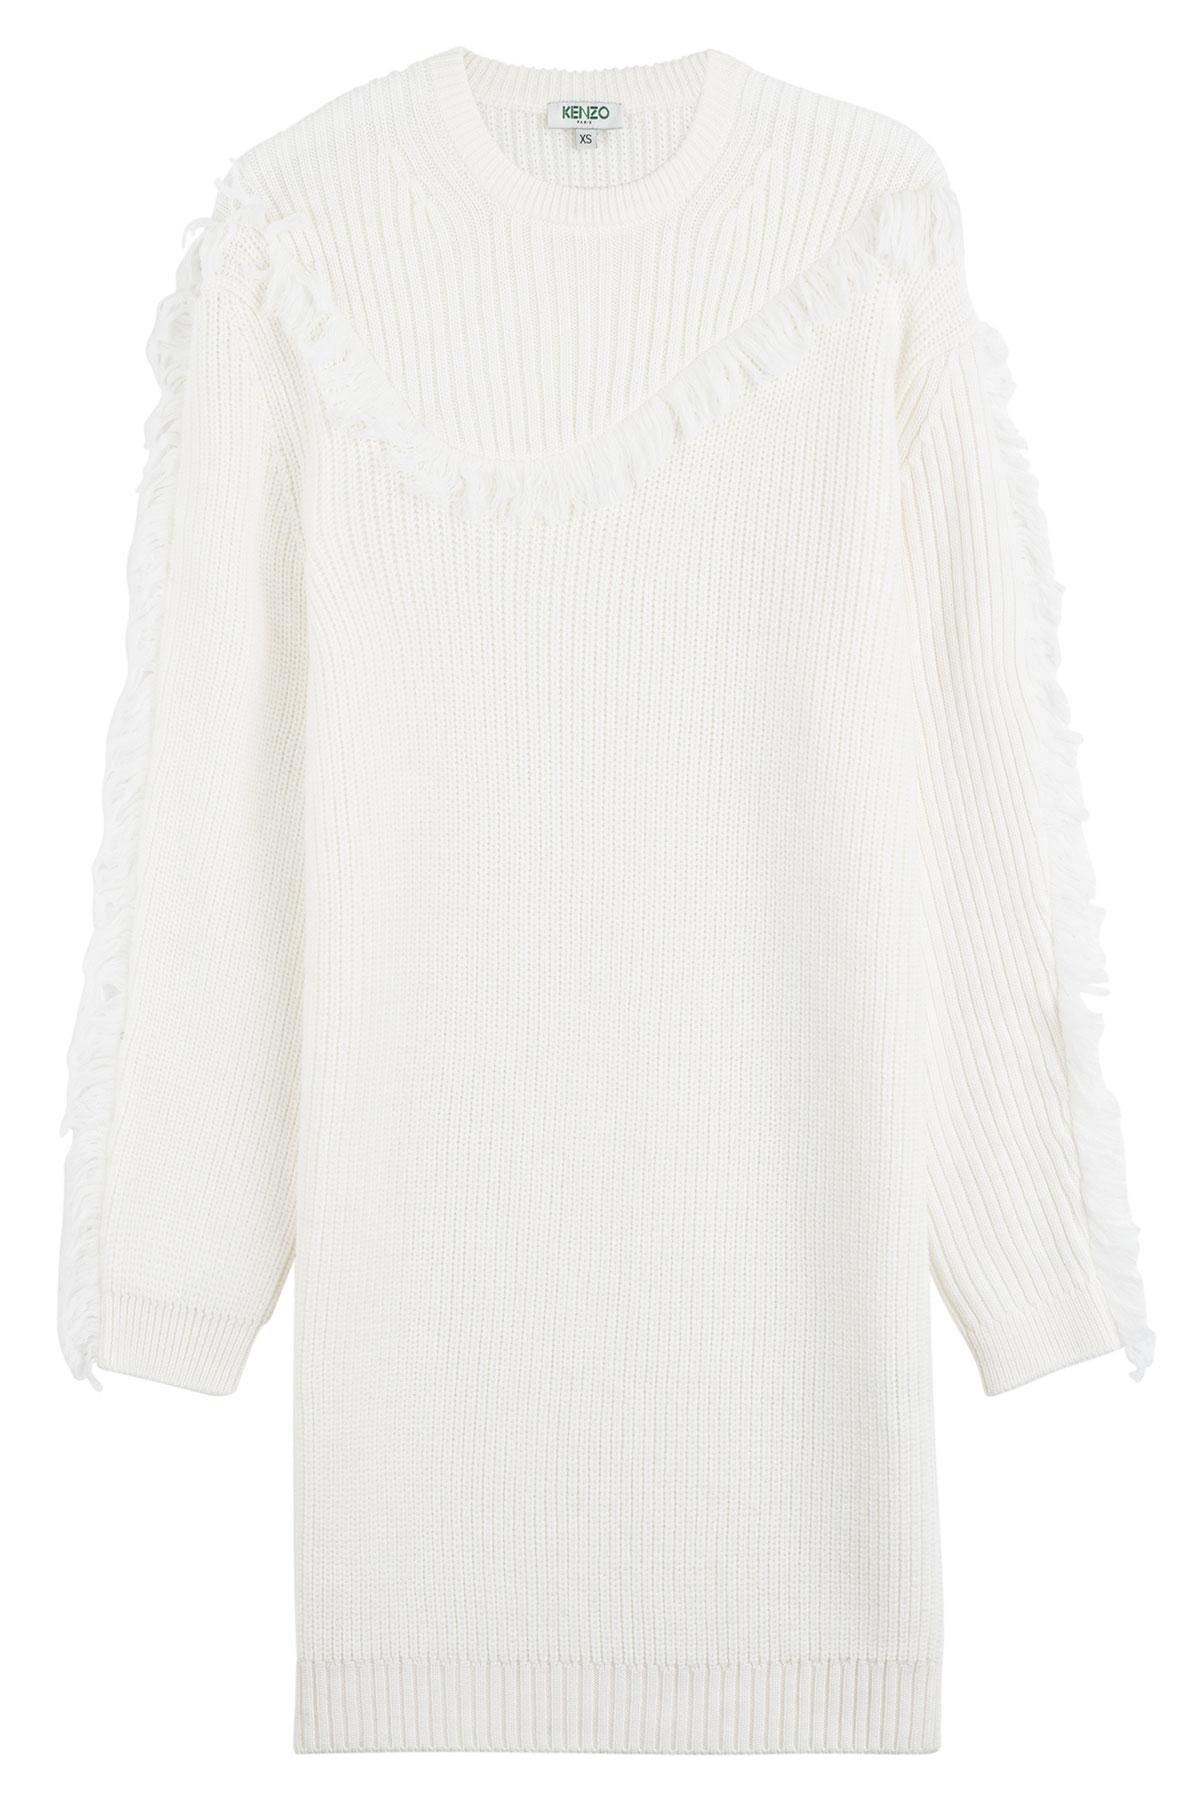 Wool Kenzo Dress White Sweater In Lyst xeEQdCoWrB